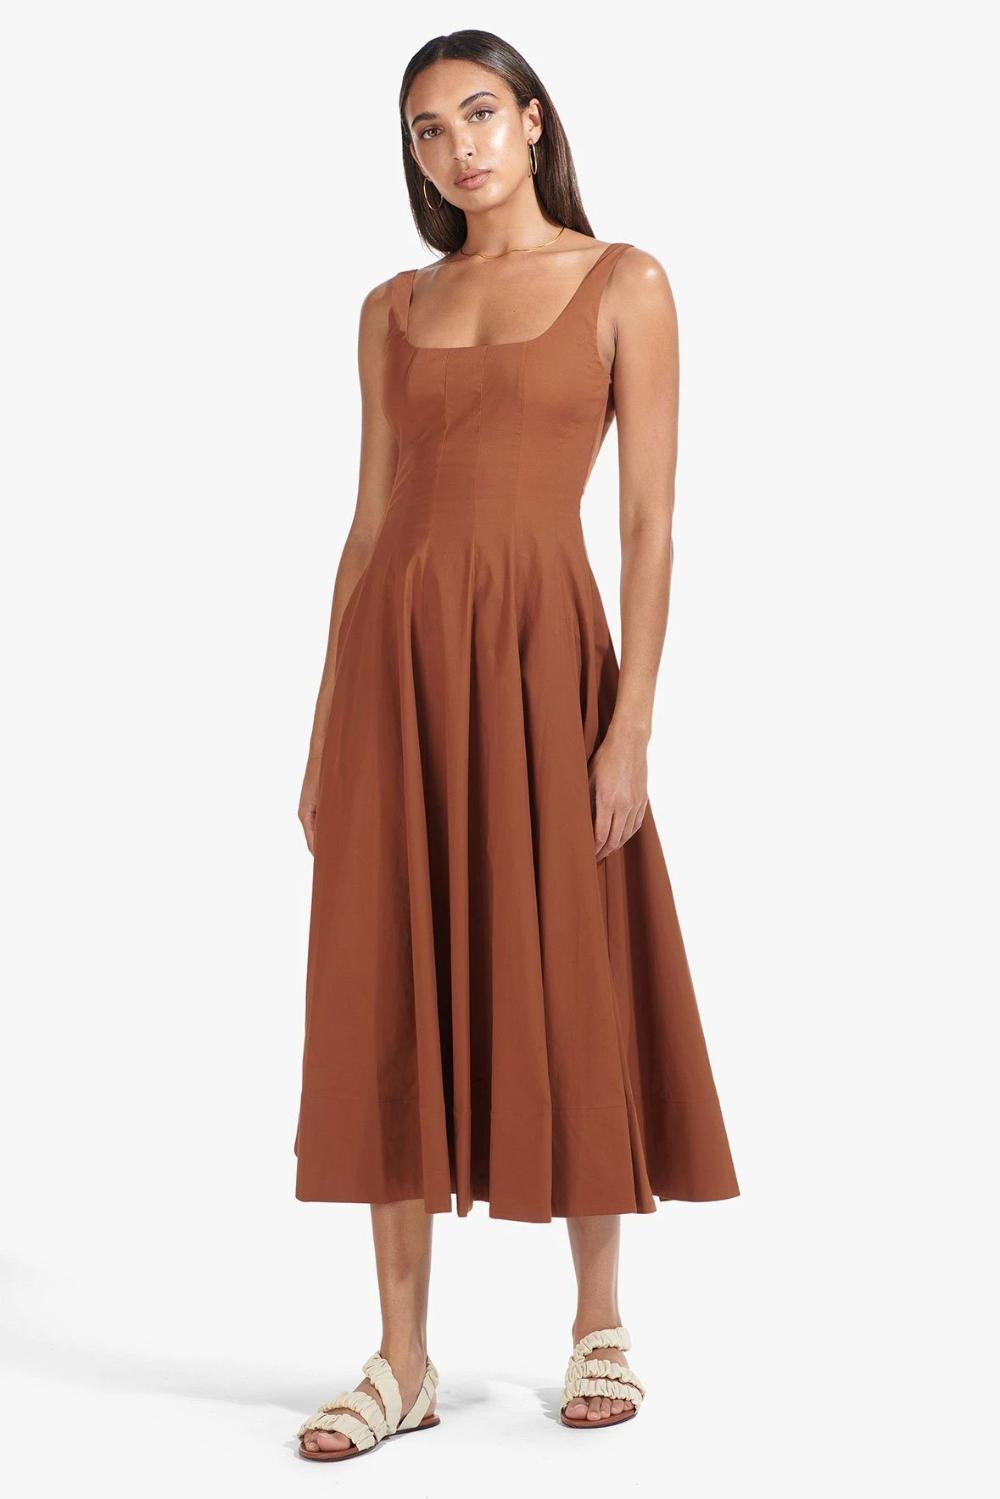 Wells Dress Tan Dresses Select Dress Colorful Dresses [ 1499 x 1000 Pixel ]